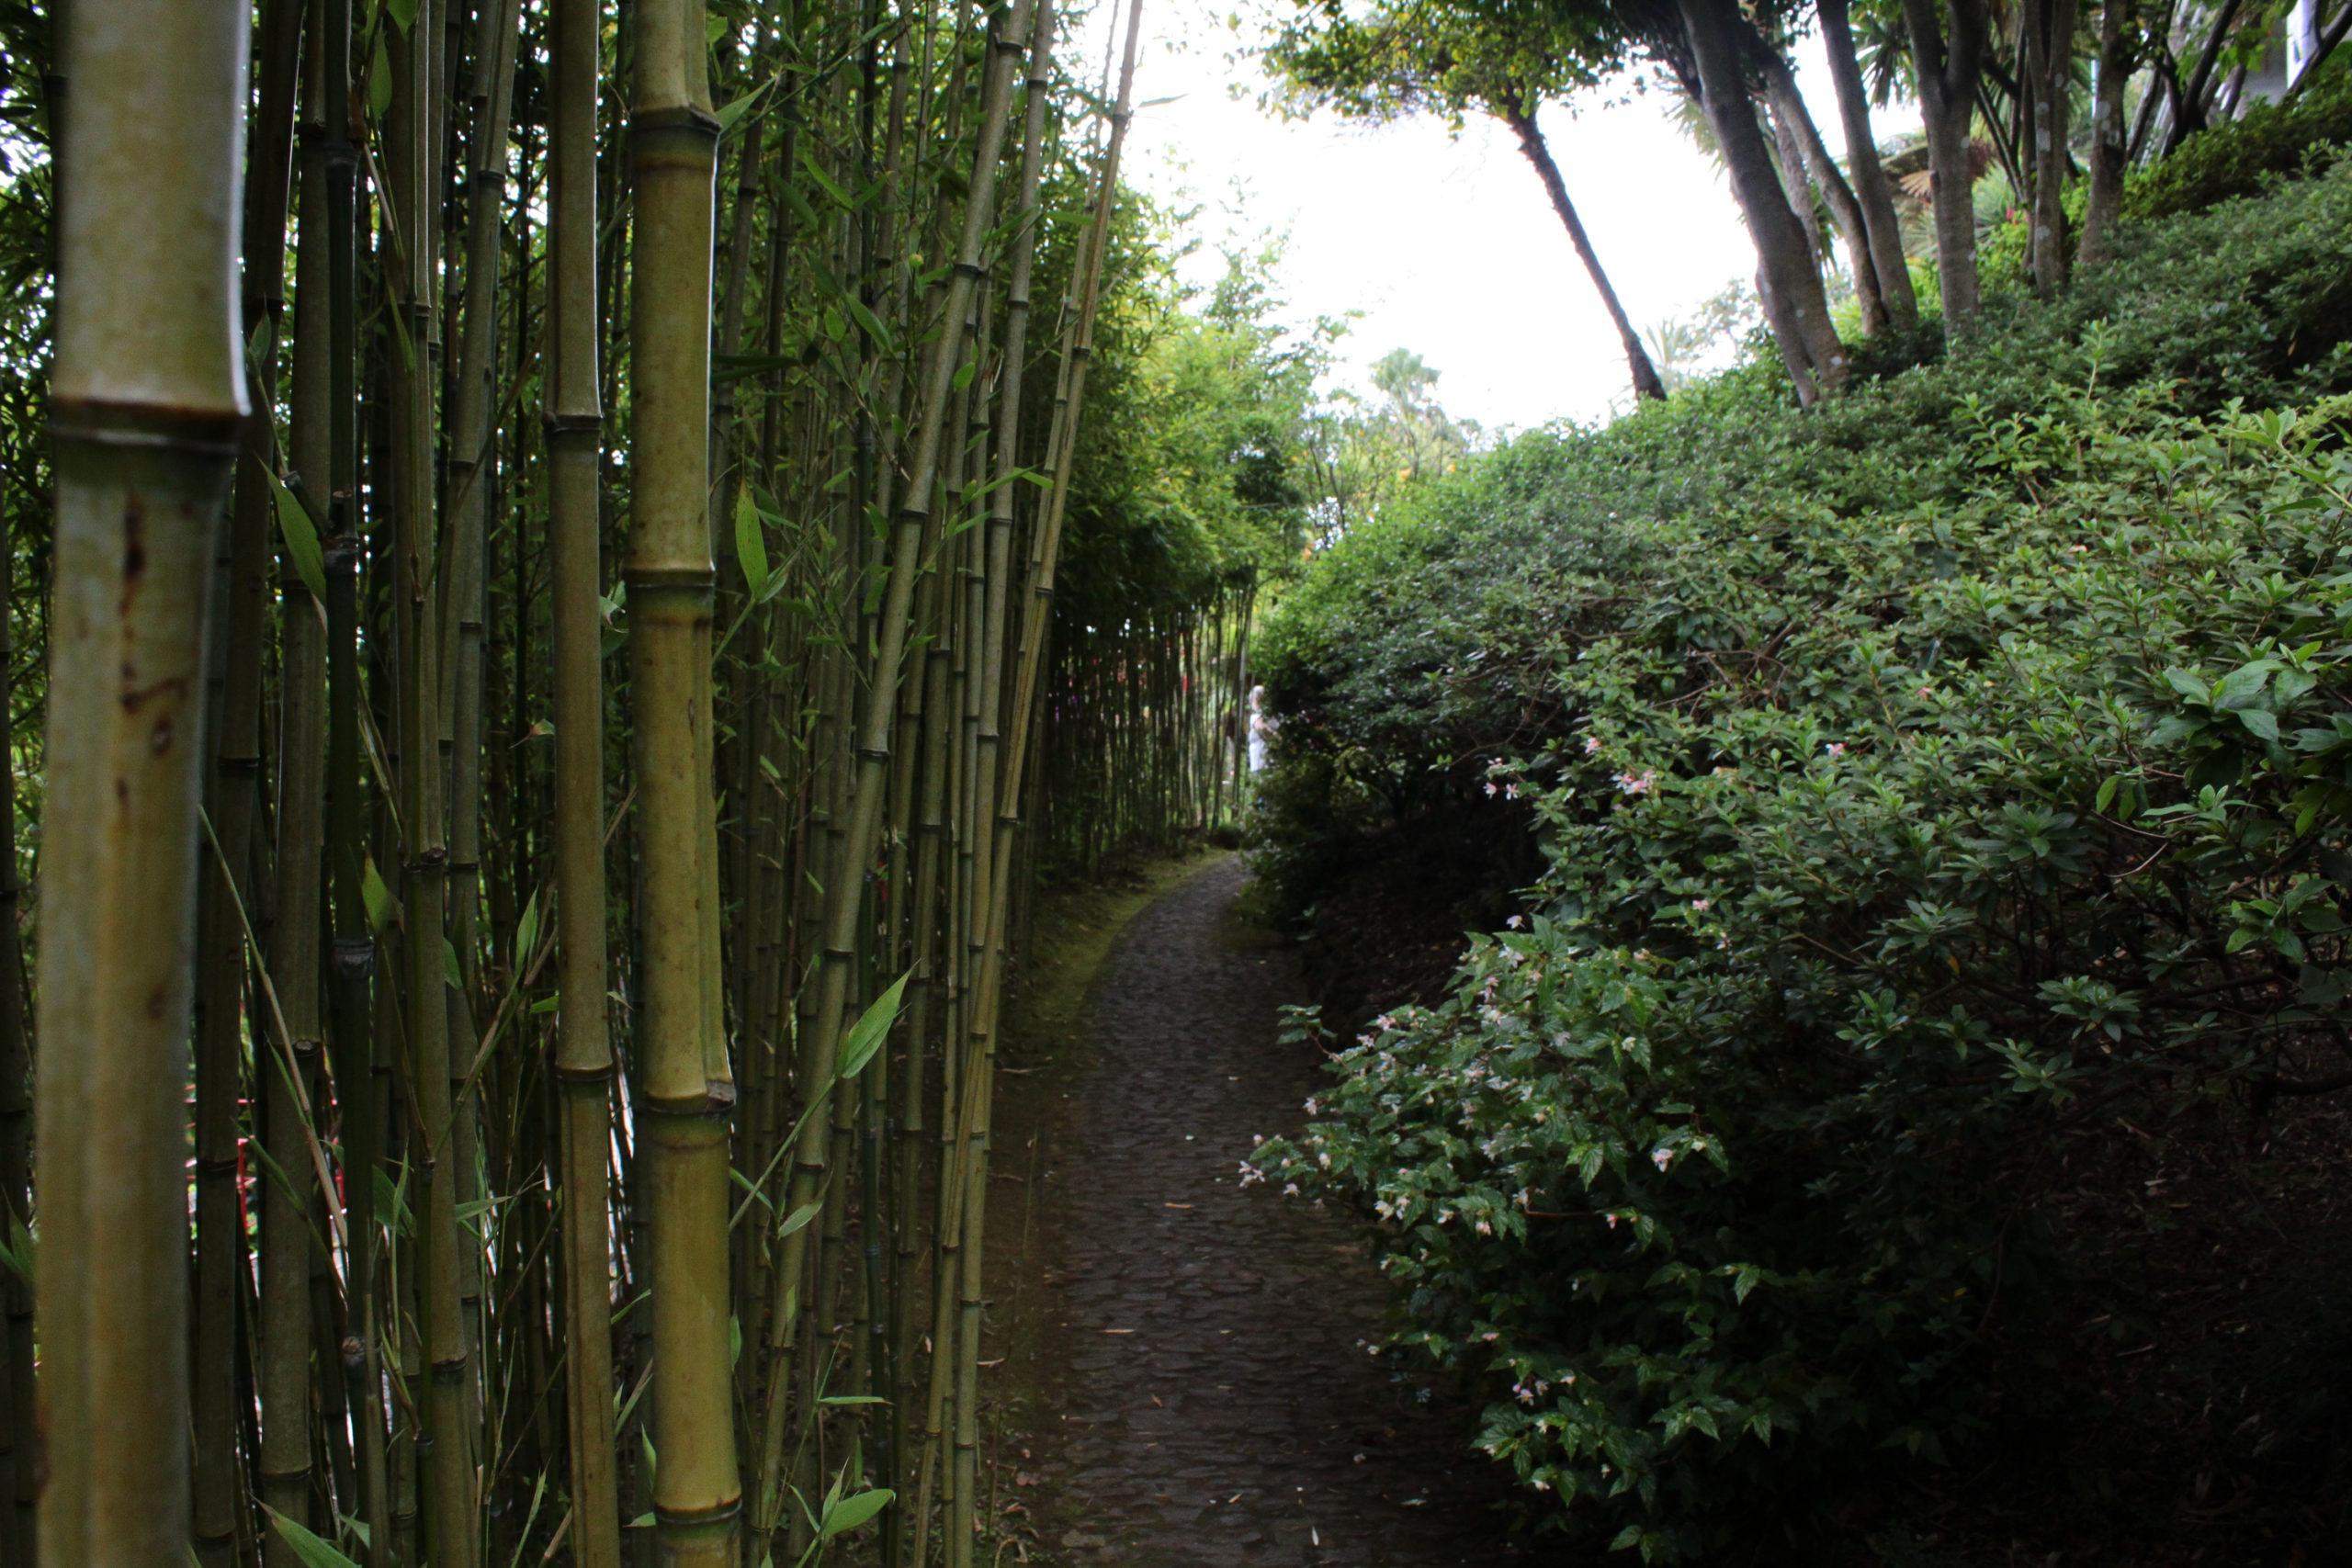 madera bambusy i ścieżka